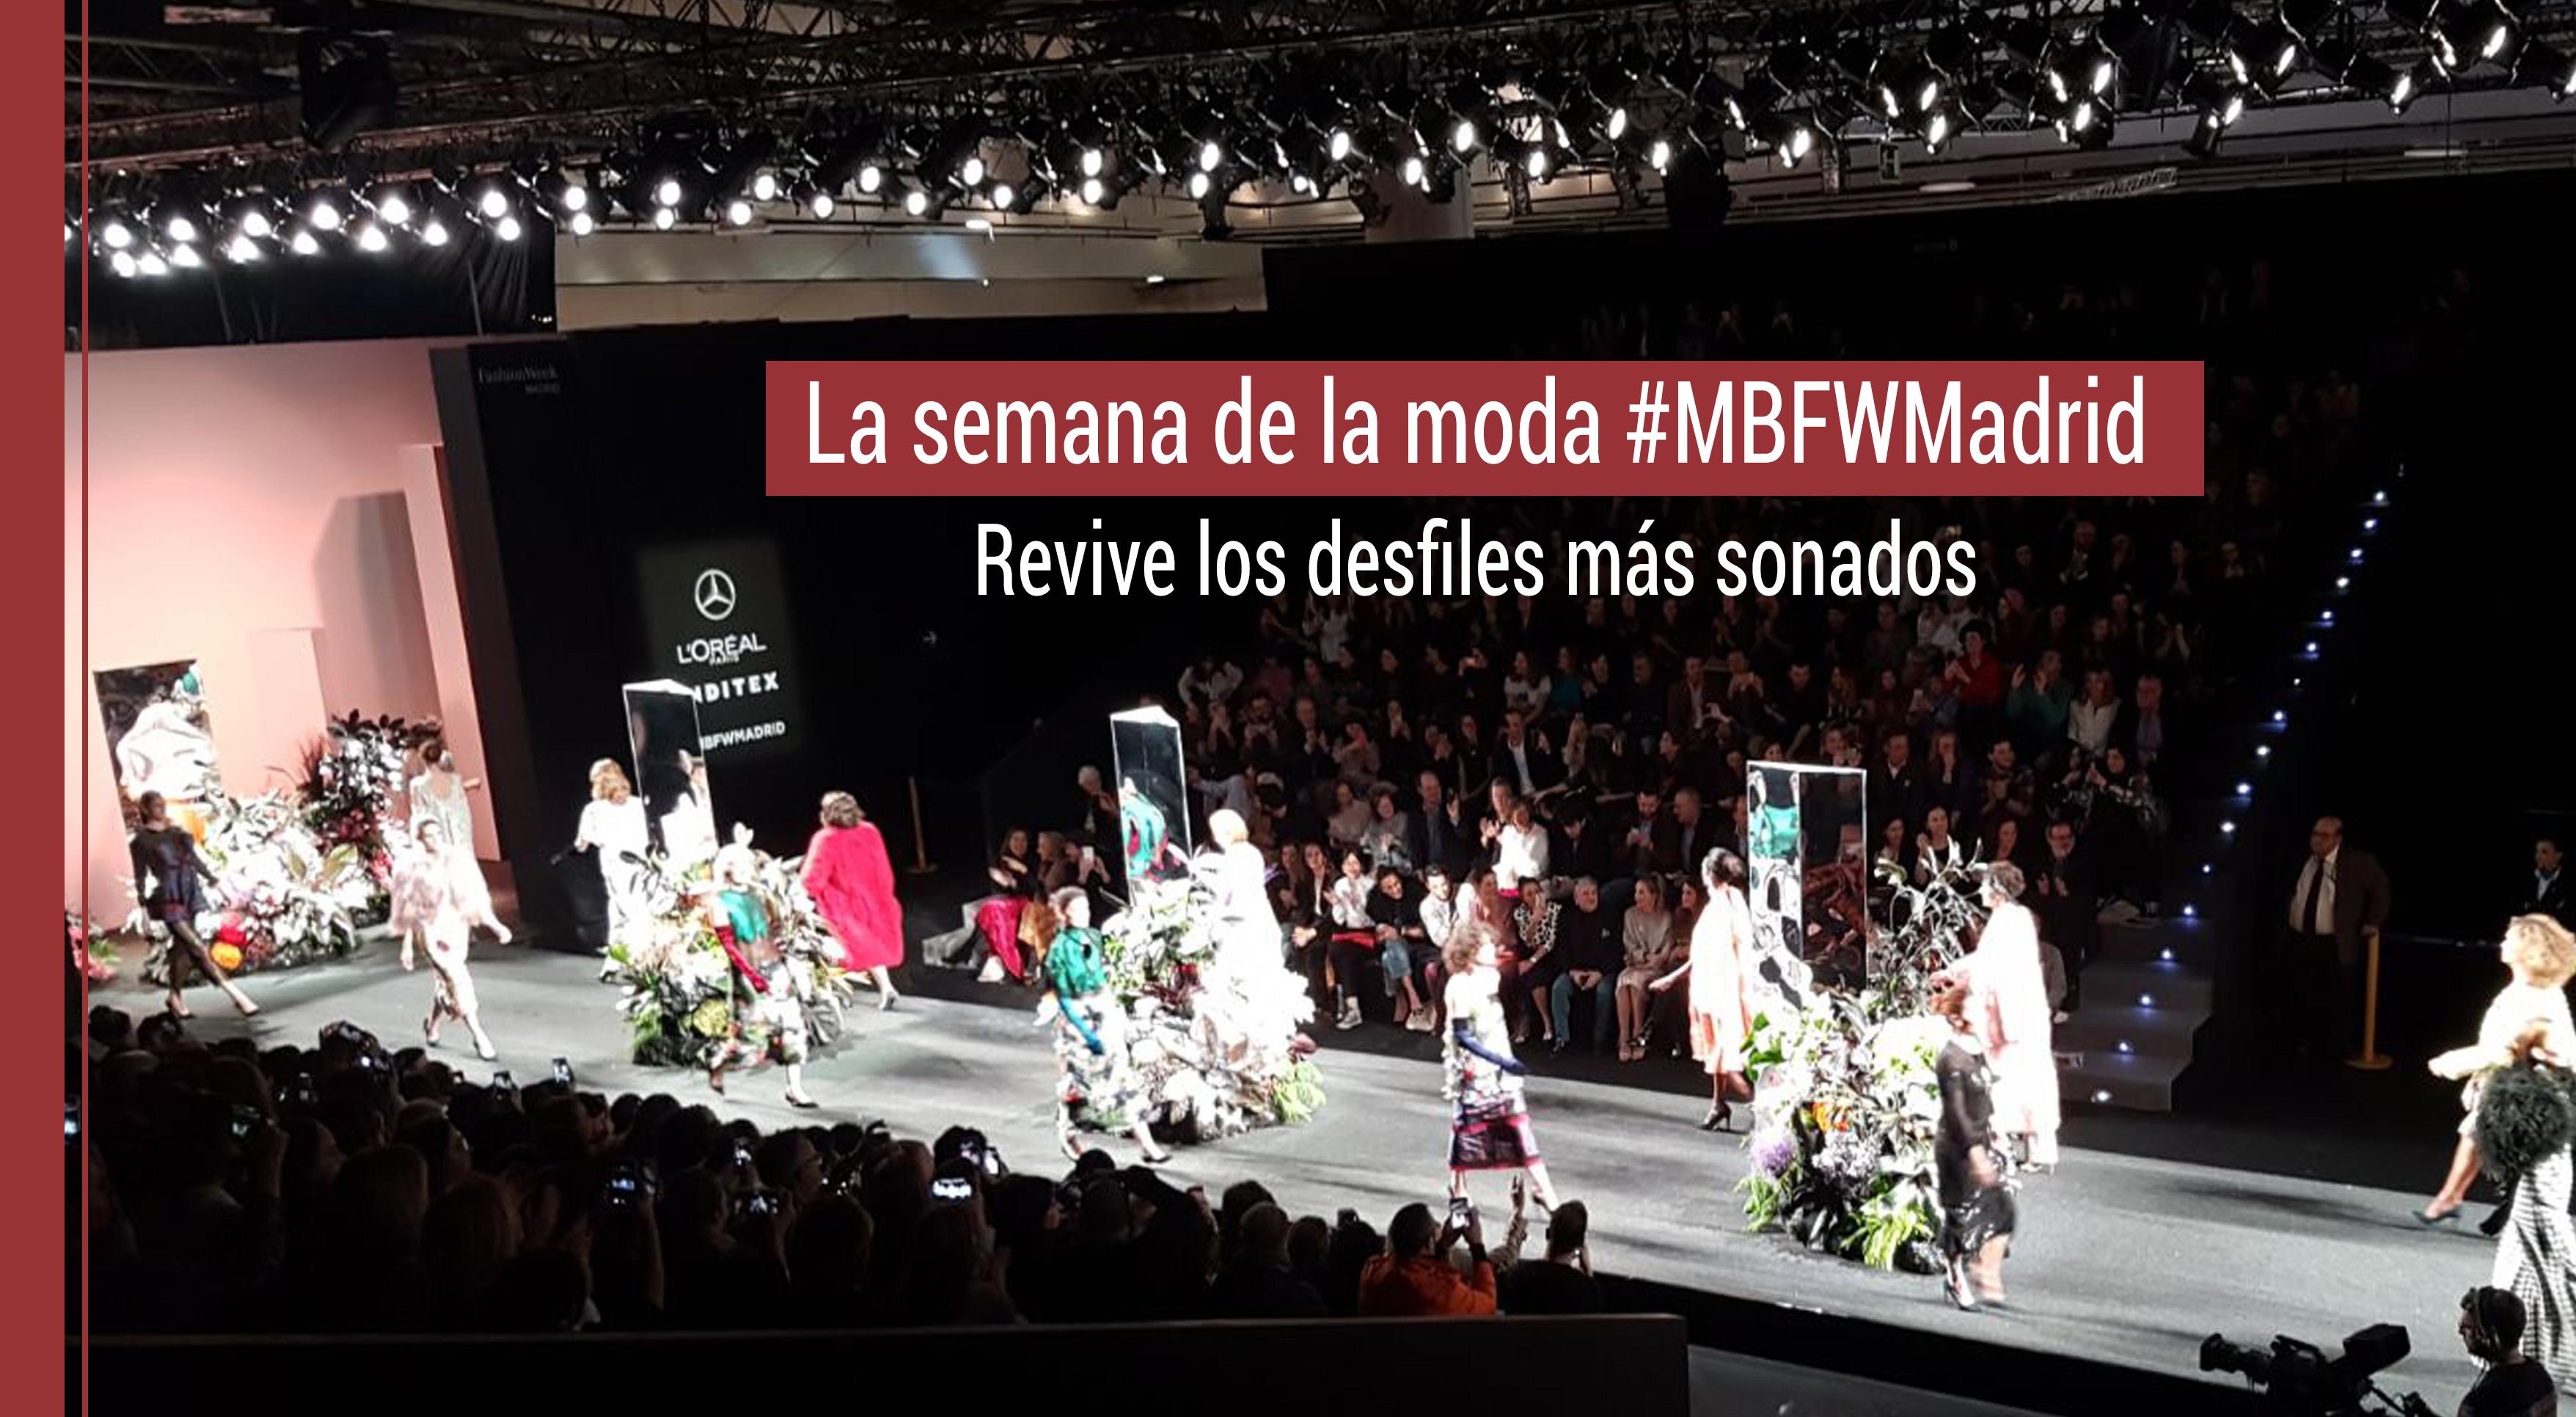 desfiles-semana-moda-madrid Los desfiles más sonados de la semana de la moda en Madrid